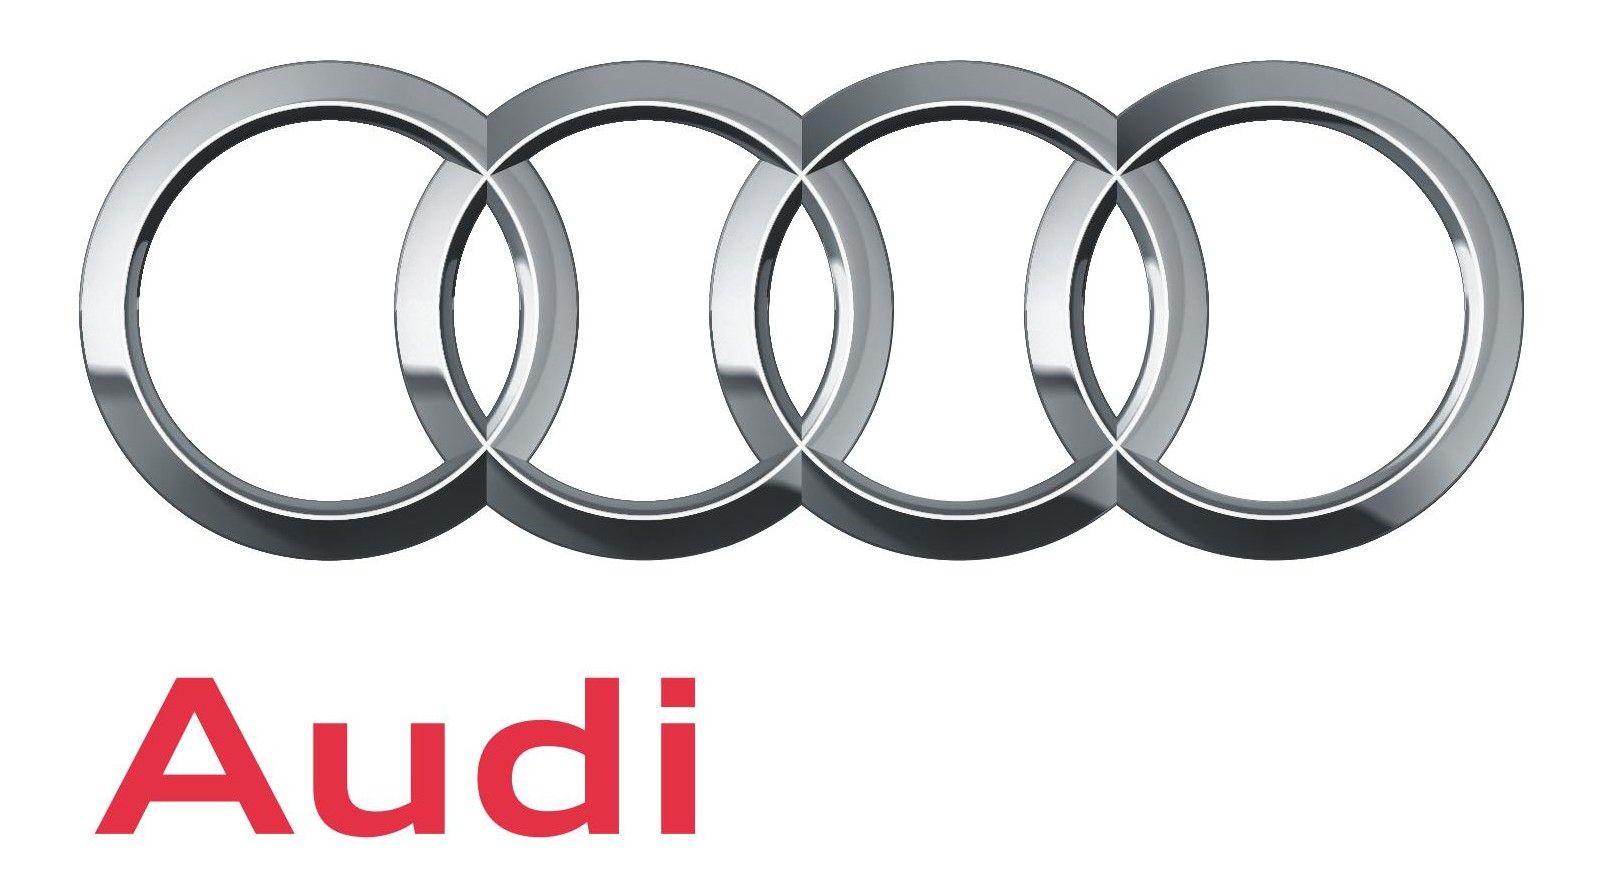 Audi Logo Eps Pdf Car Logos Car Brands Logos Audi Logo